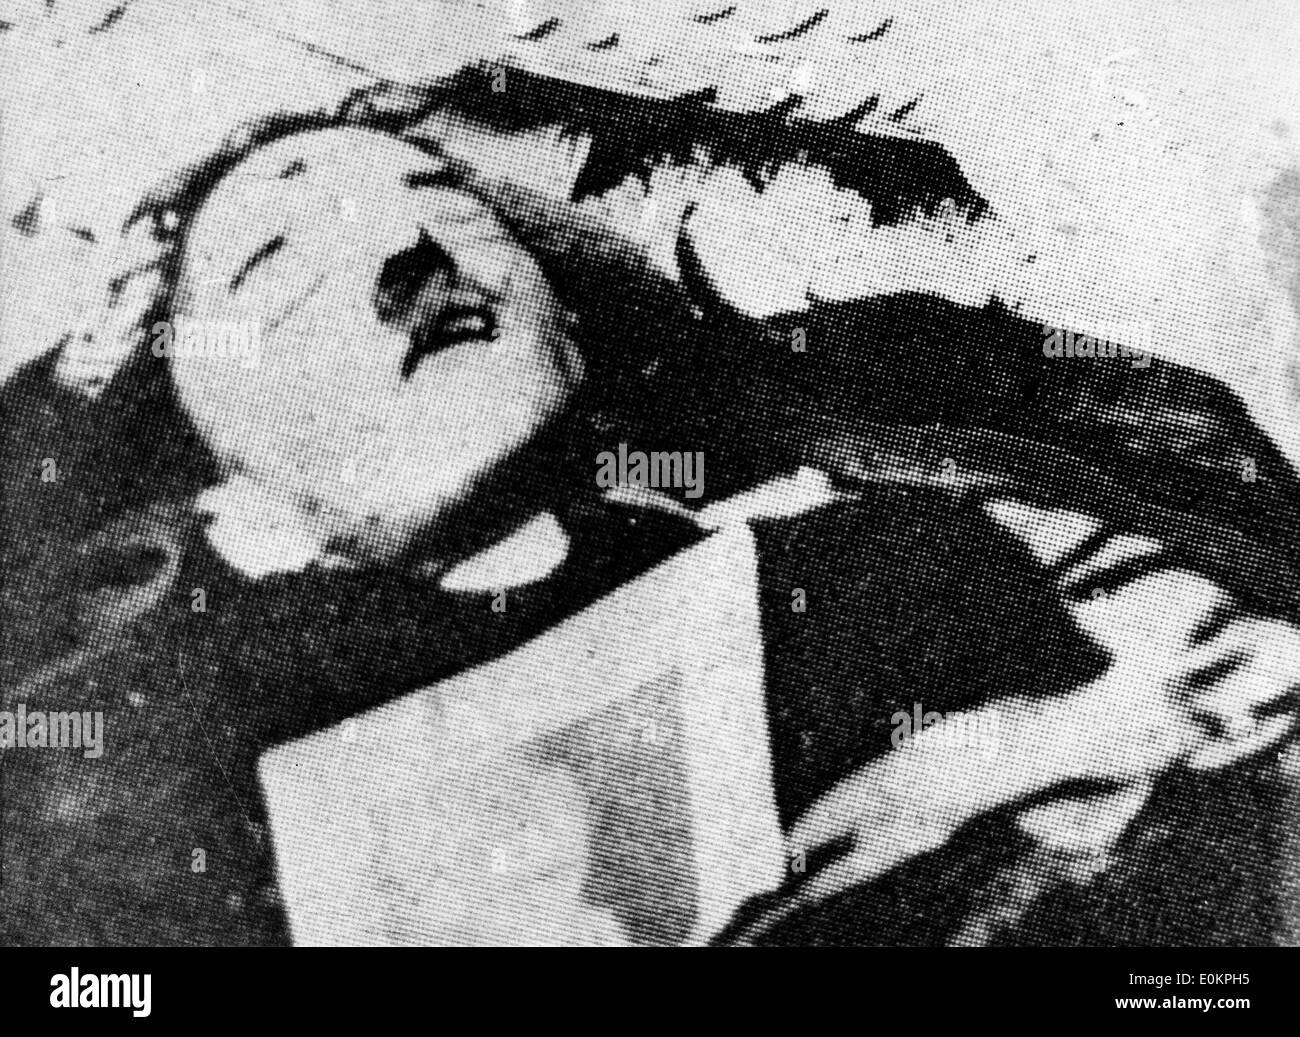 Adolf Hitler after he shot himself - Stock Image